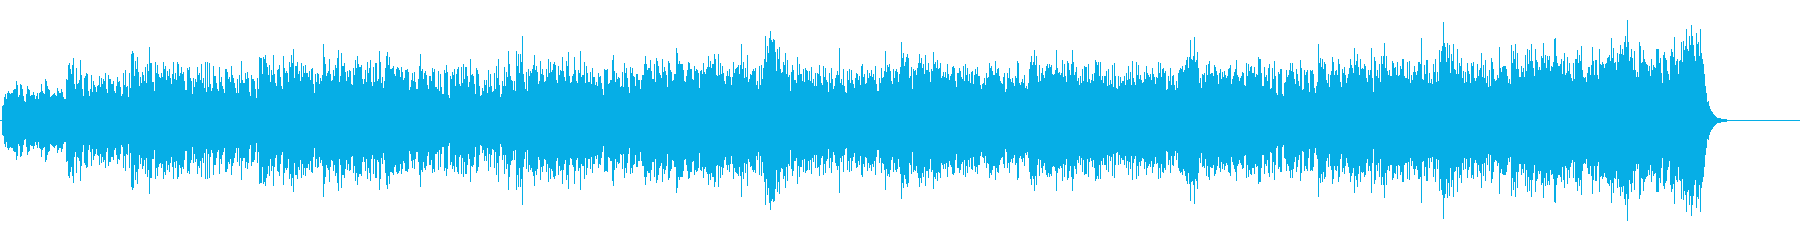 アンビエントなドキュメント向けサウンドの再生済みの波形